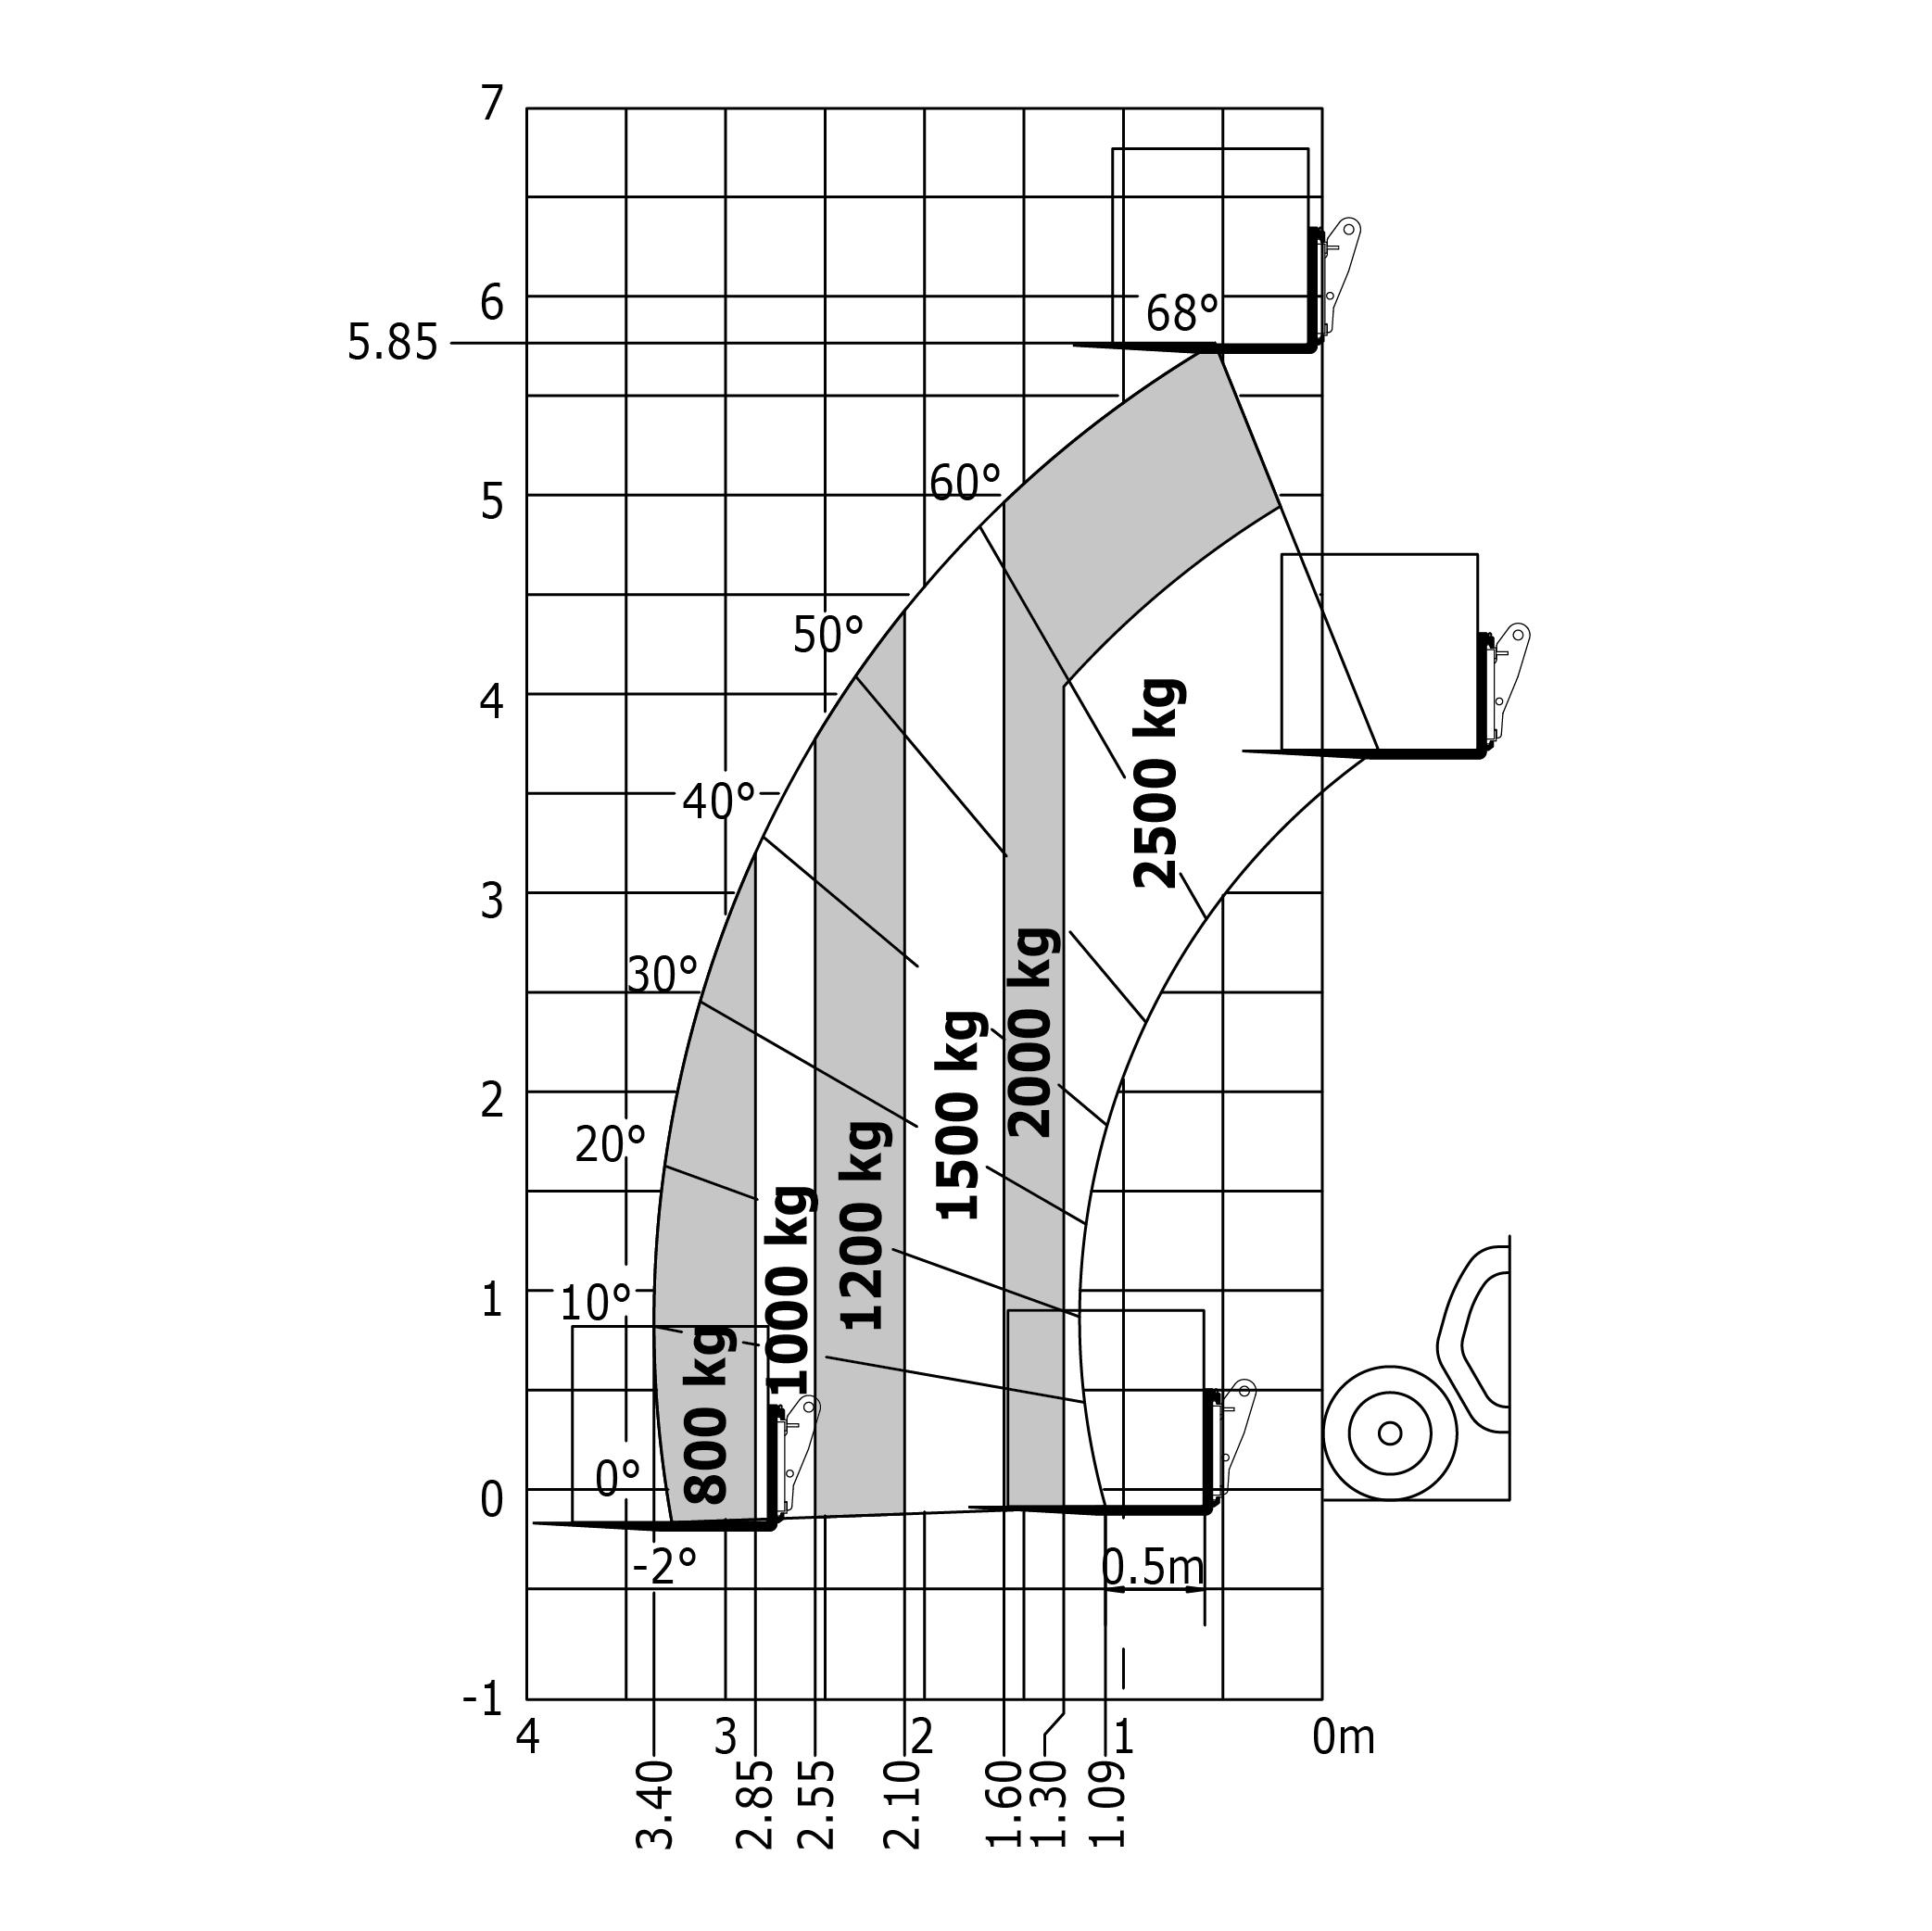 Cat Telehandler Wiring Diagrams - Auto Electrical Wiring Diagram on c15 cat thermostat diagram, 3126 parts diagram, cat repair manual, cat oil cooler, cat parts diagram, cat ignition diagram, caterpillar hydraulic diagram, cnc circuit diagram, cat serial number, gas fireplace diagram, allison 1000 transmission diagram, cat genie diagram, 2000 arctic cat 300 carburetor diagram, cat wiring standards, 3126 caterpillar ecm diagram, rj45 termination diagram,